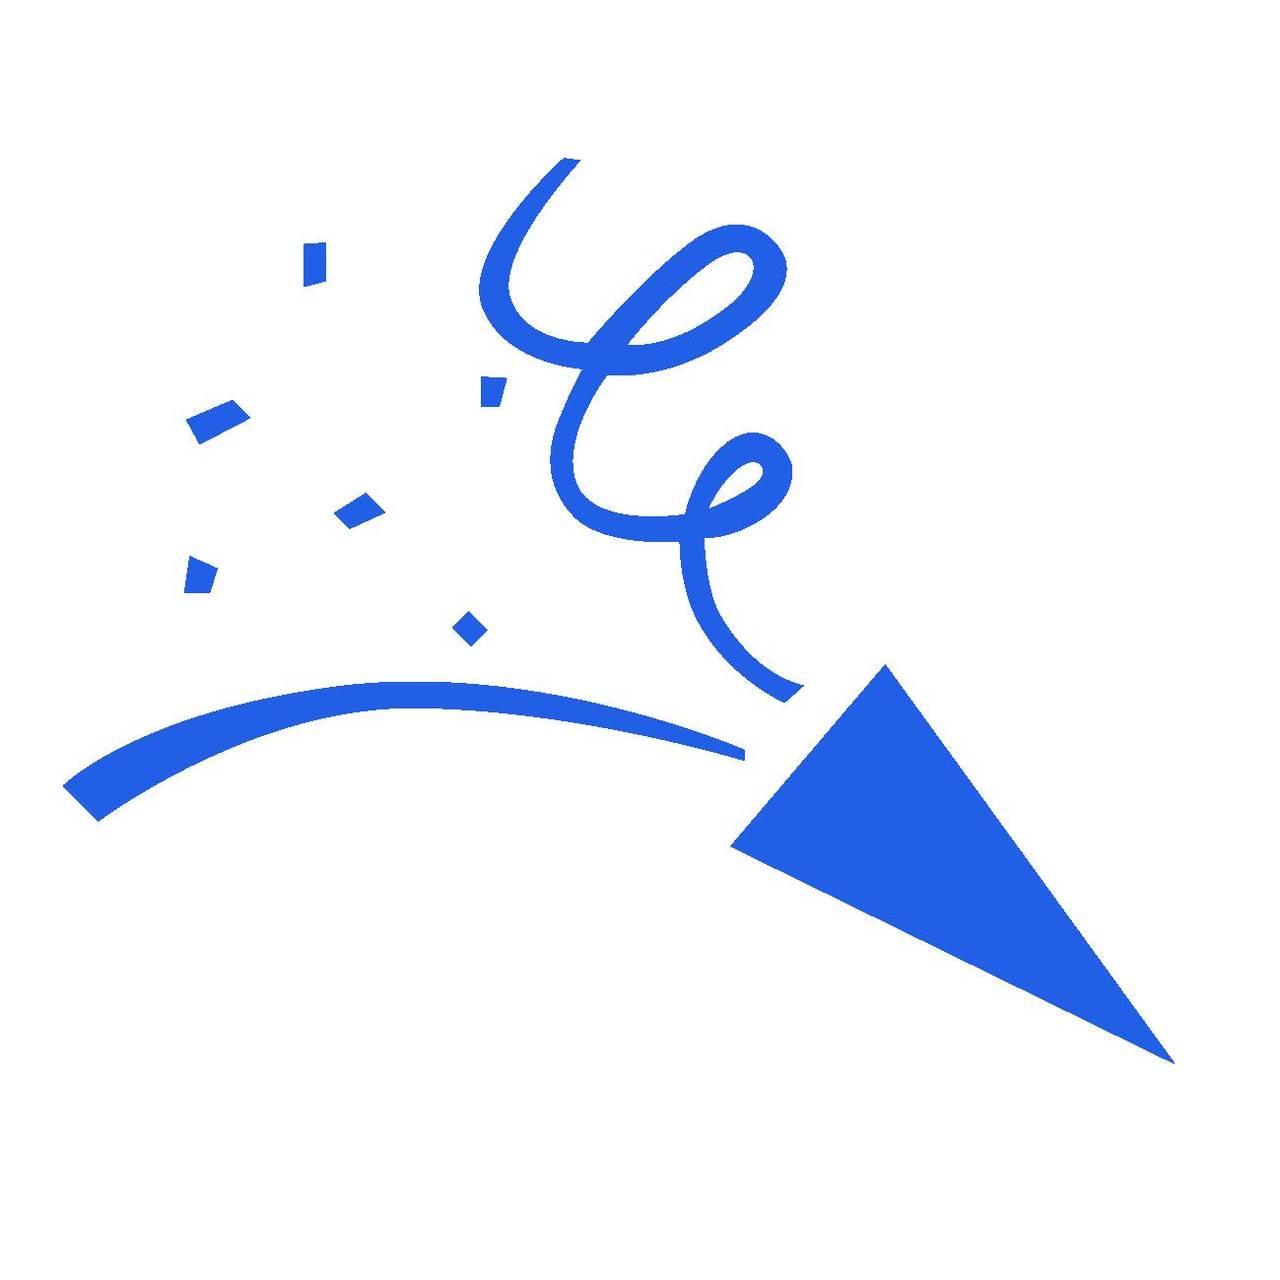 関ジャニ∞錦戸の誕生日を山Pがお祝い 「20年来の友人。活躍をよく見てます」